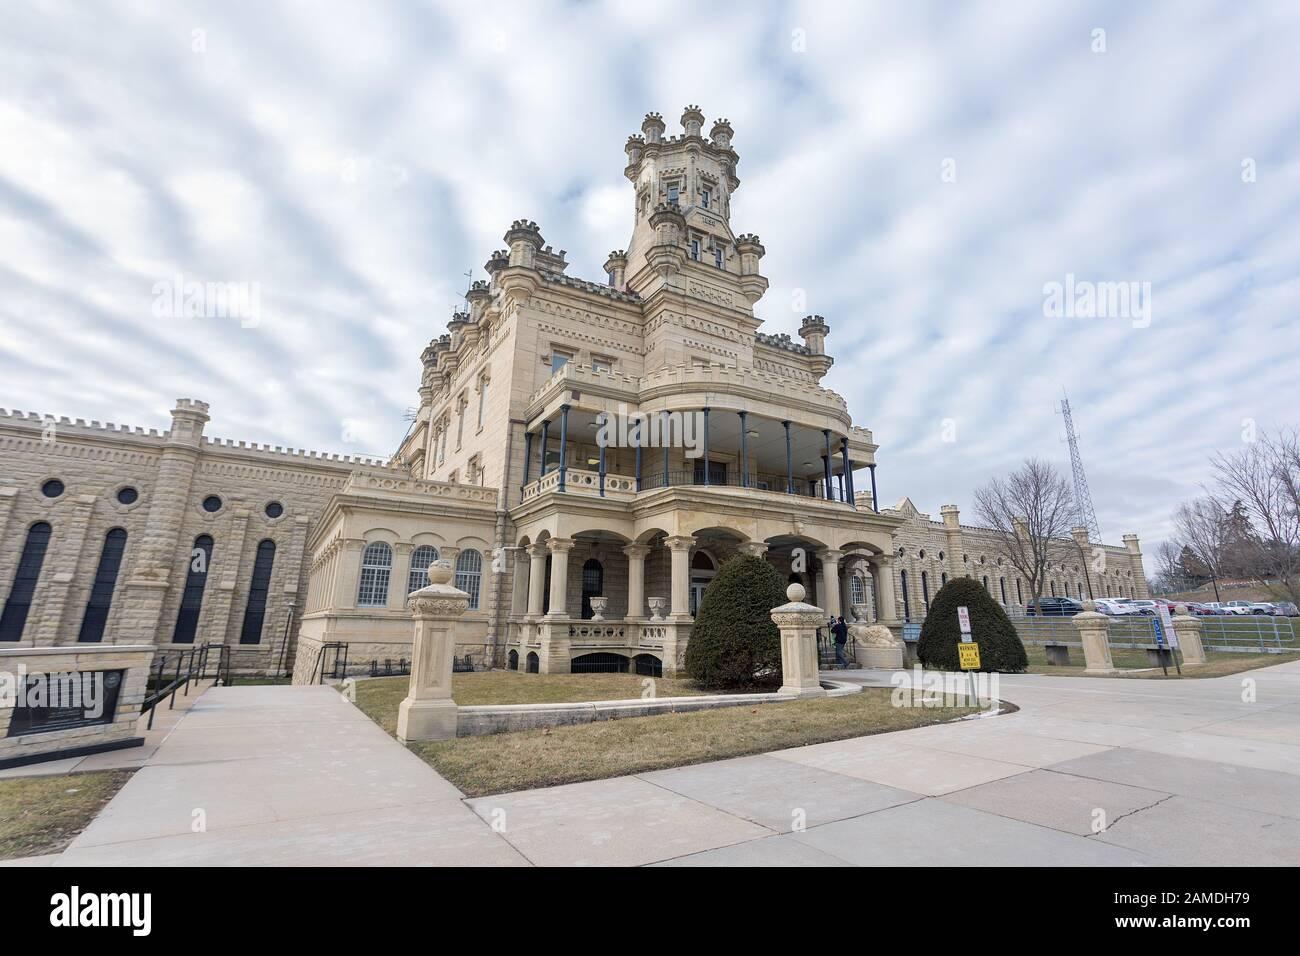 Anamosa State Penitentiary in Anamosa, Iowa, USA Stock Photo